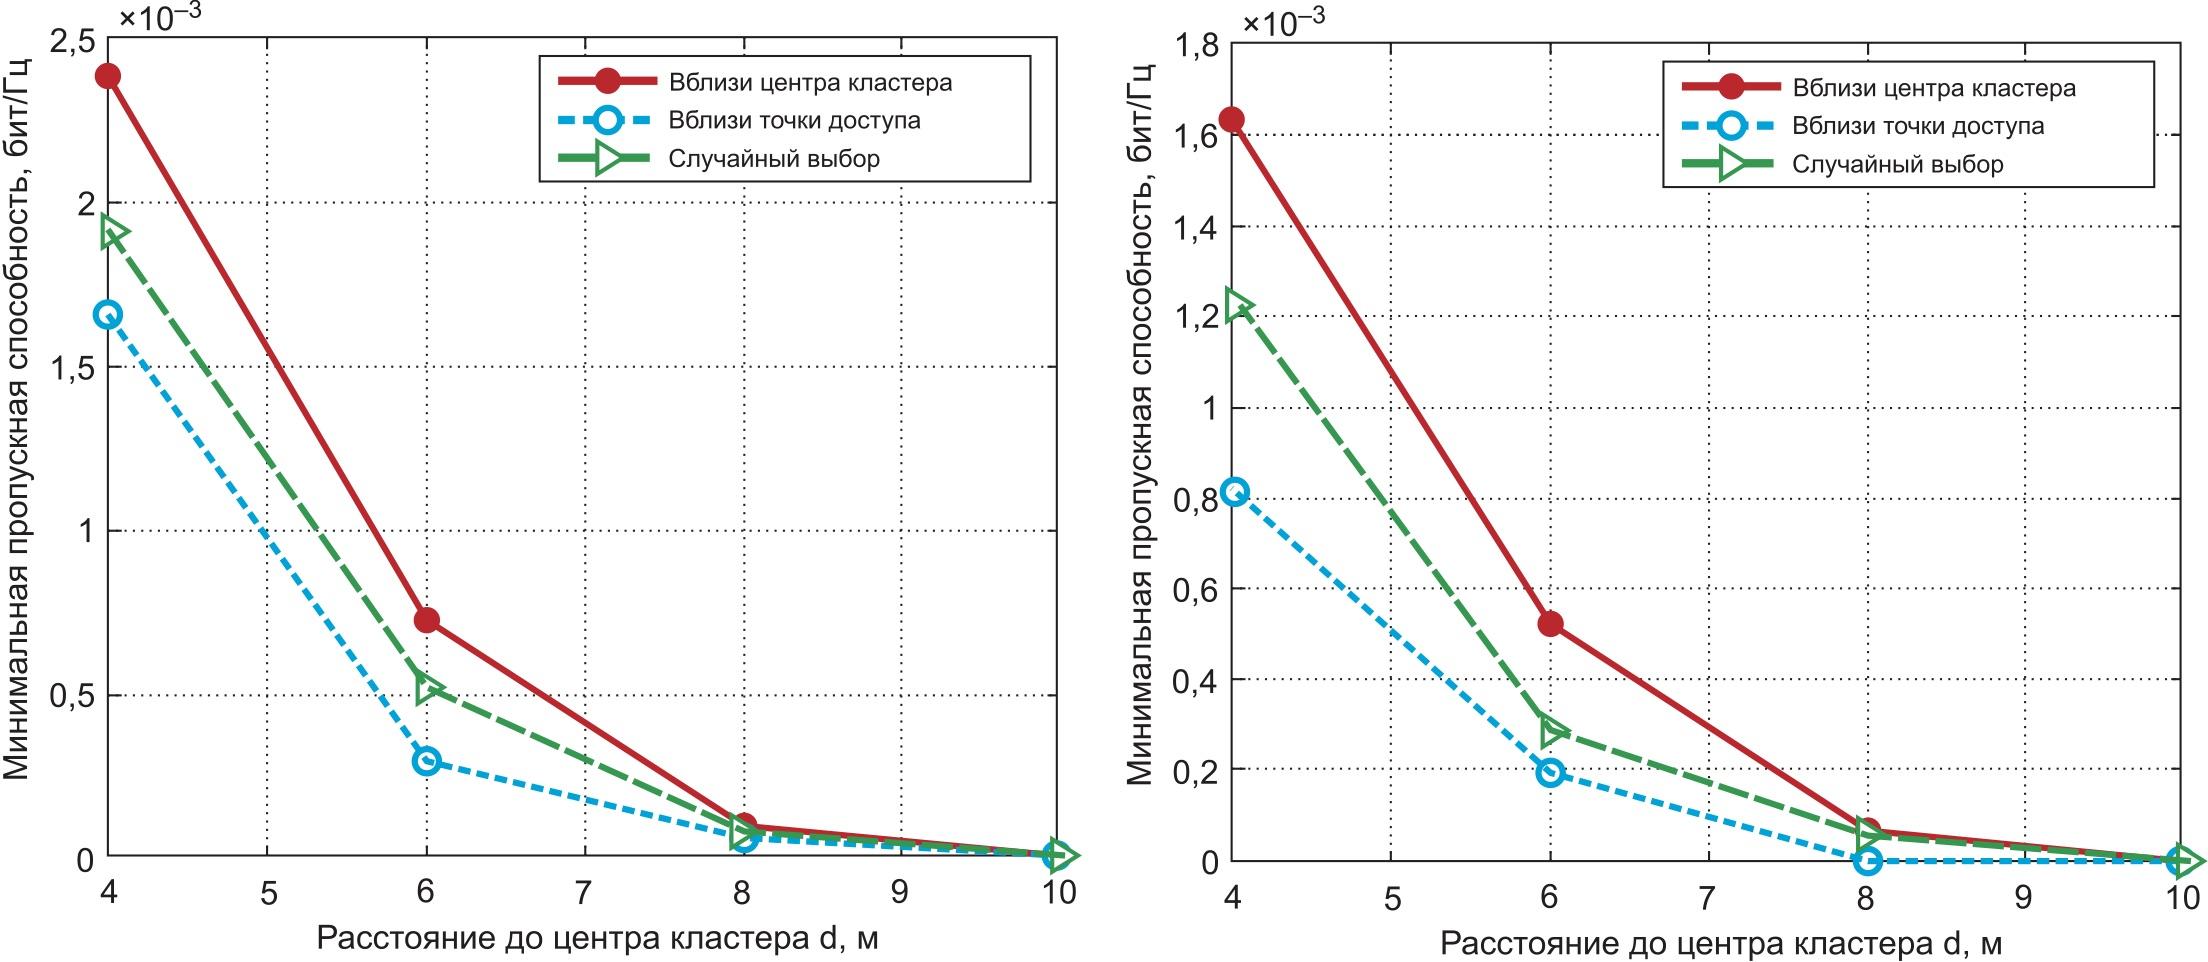 Влияние выбора назначенного главного узла кластера с r = 3 м на пропускную способность